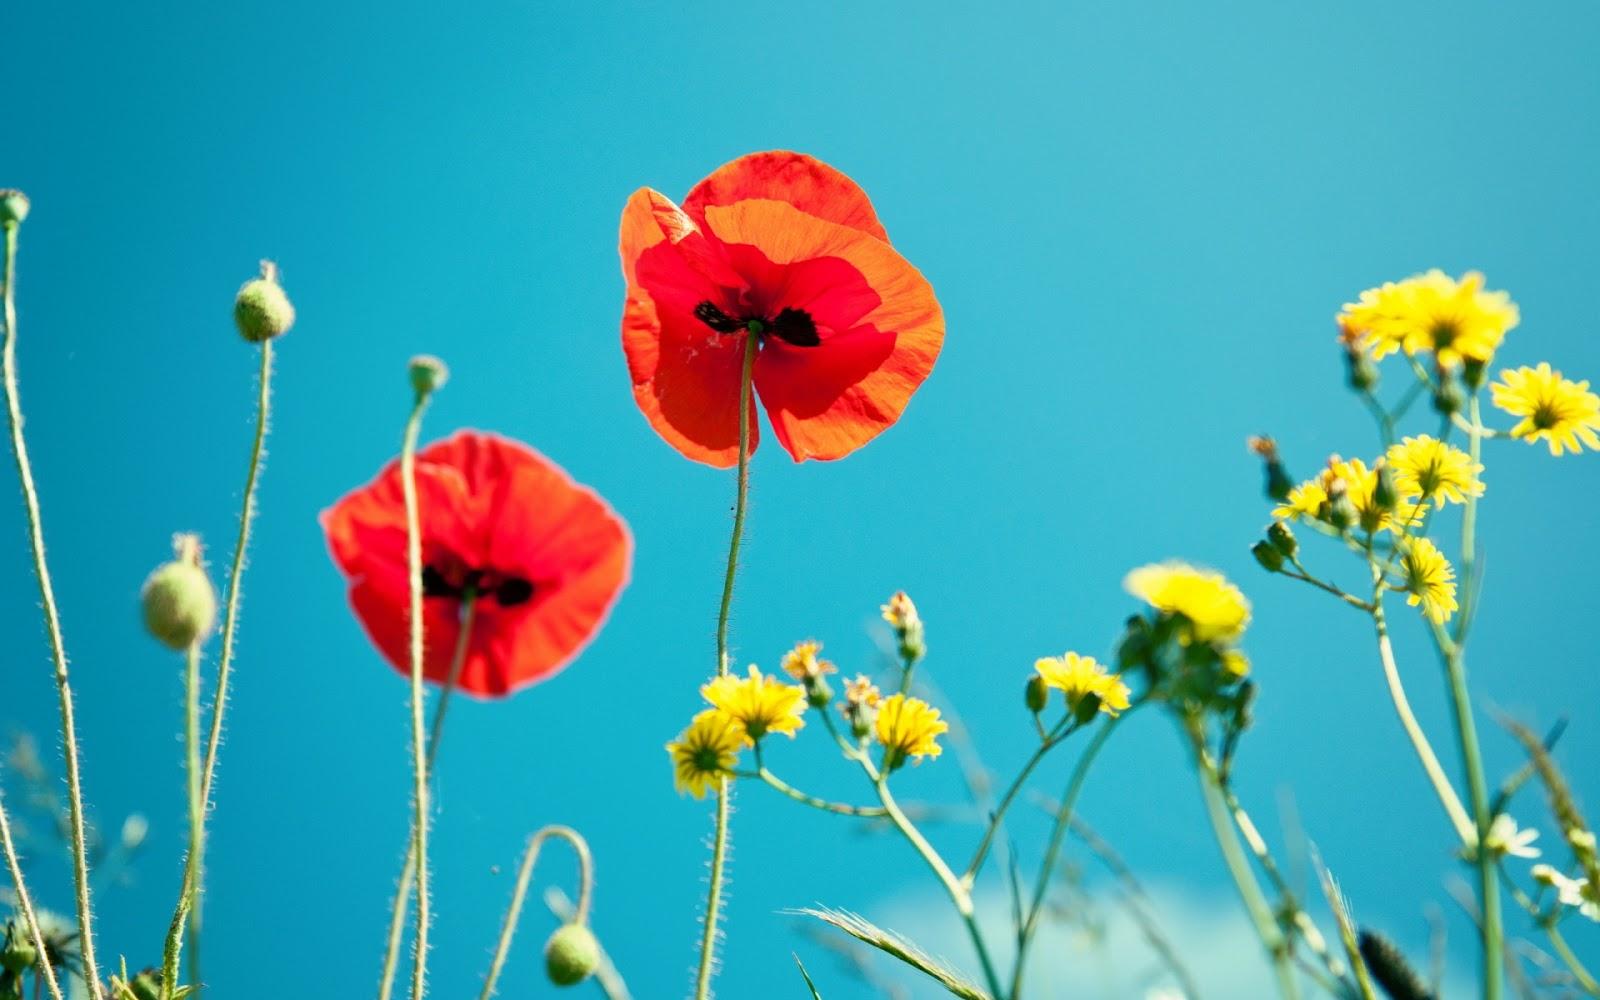 Les plus beau fond ecran fleurs fond ecran pc for Fond ecran ete fleurs